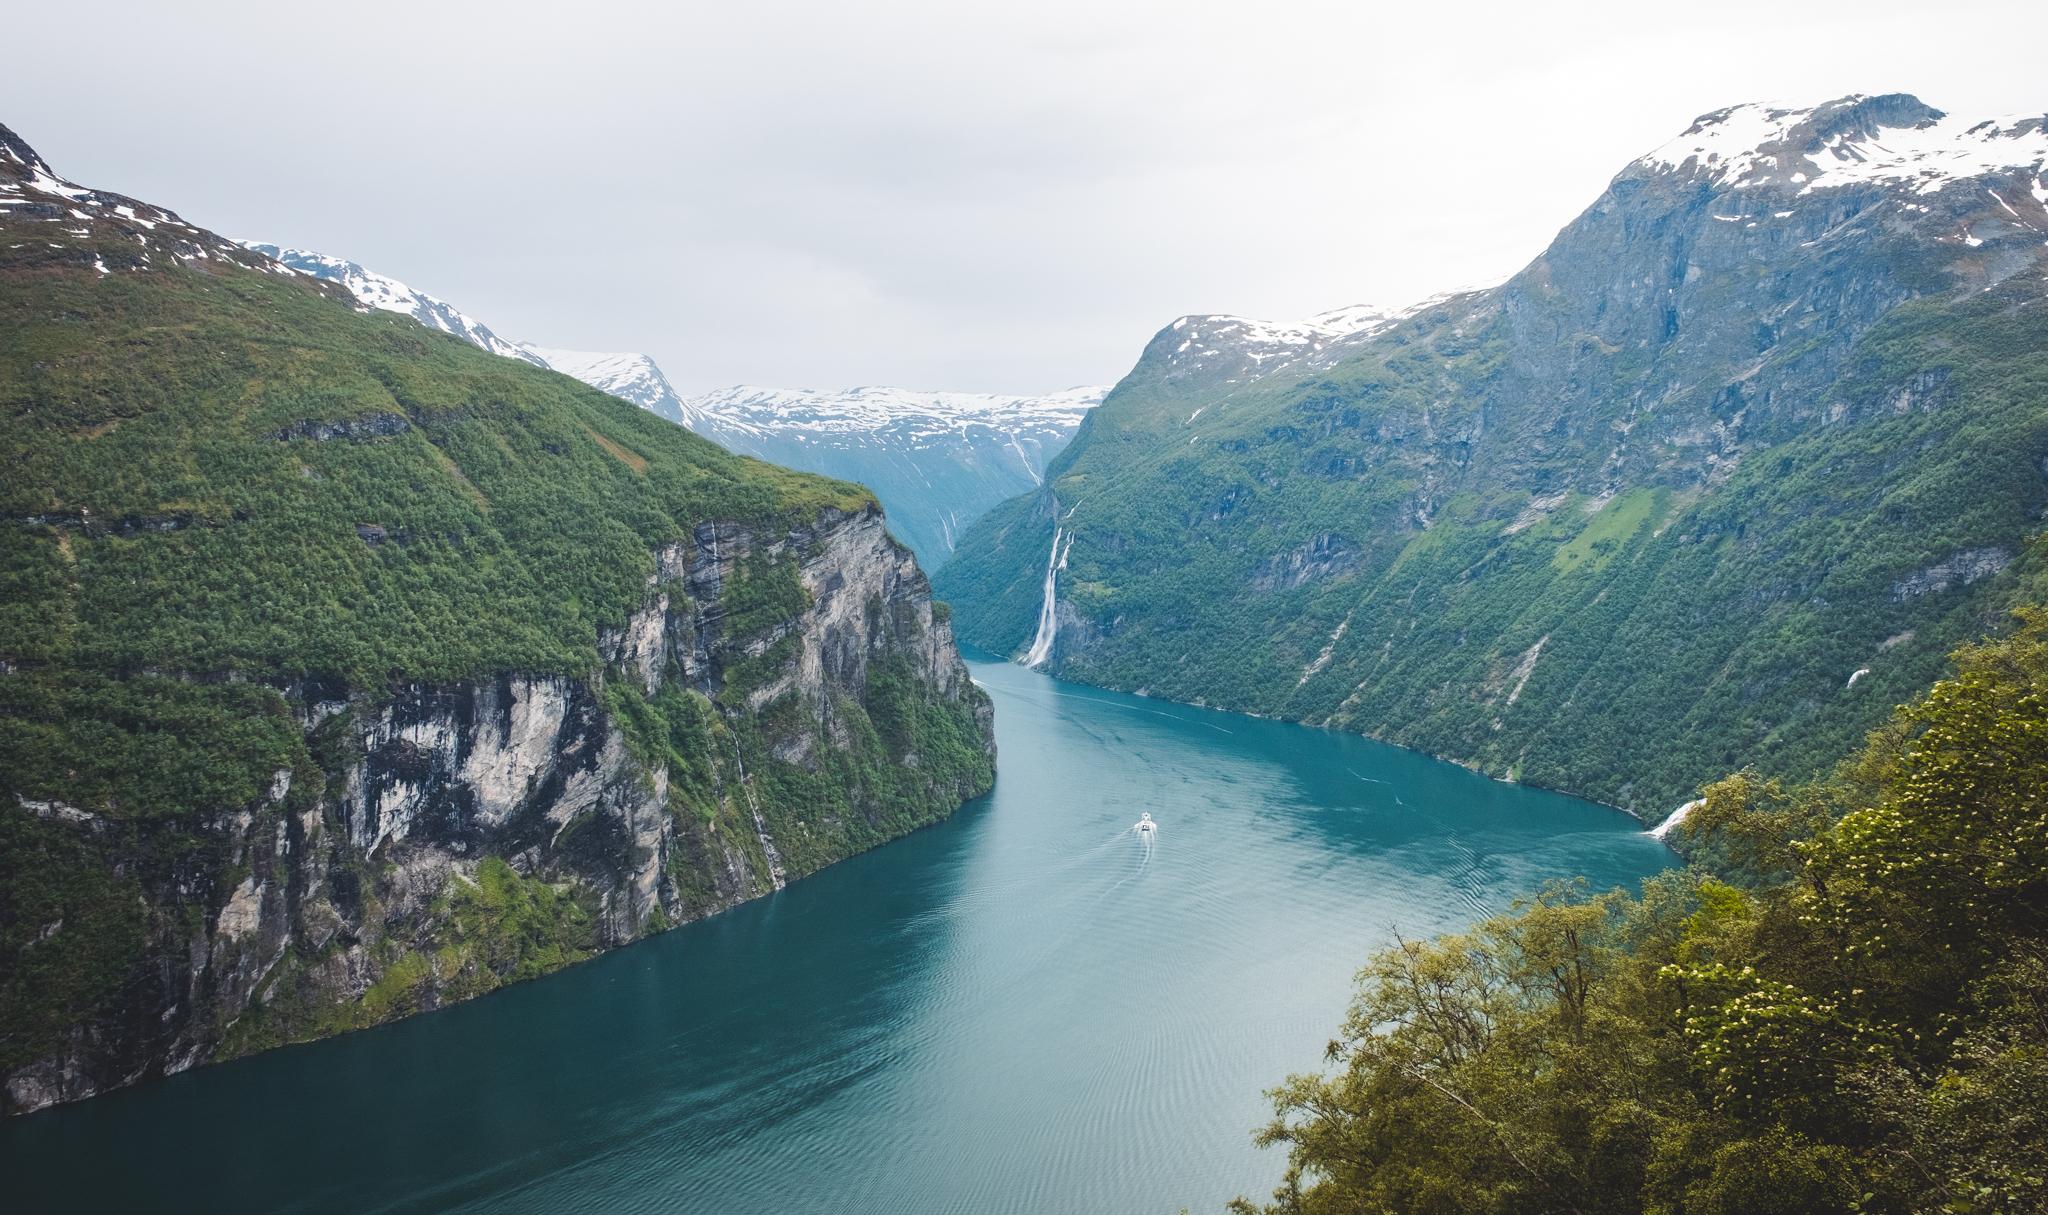 Blick auf den Geiranger Fjord von der Aussichtsplattform Ørnesvingen | © Boardshortslife